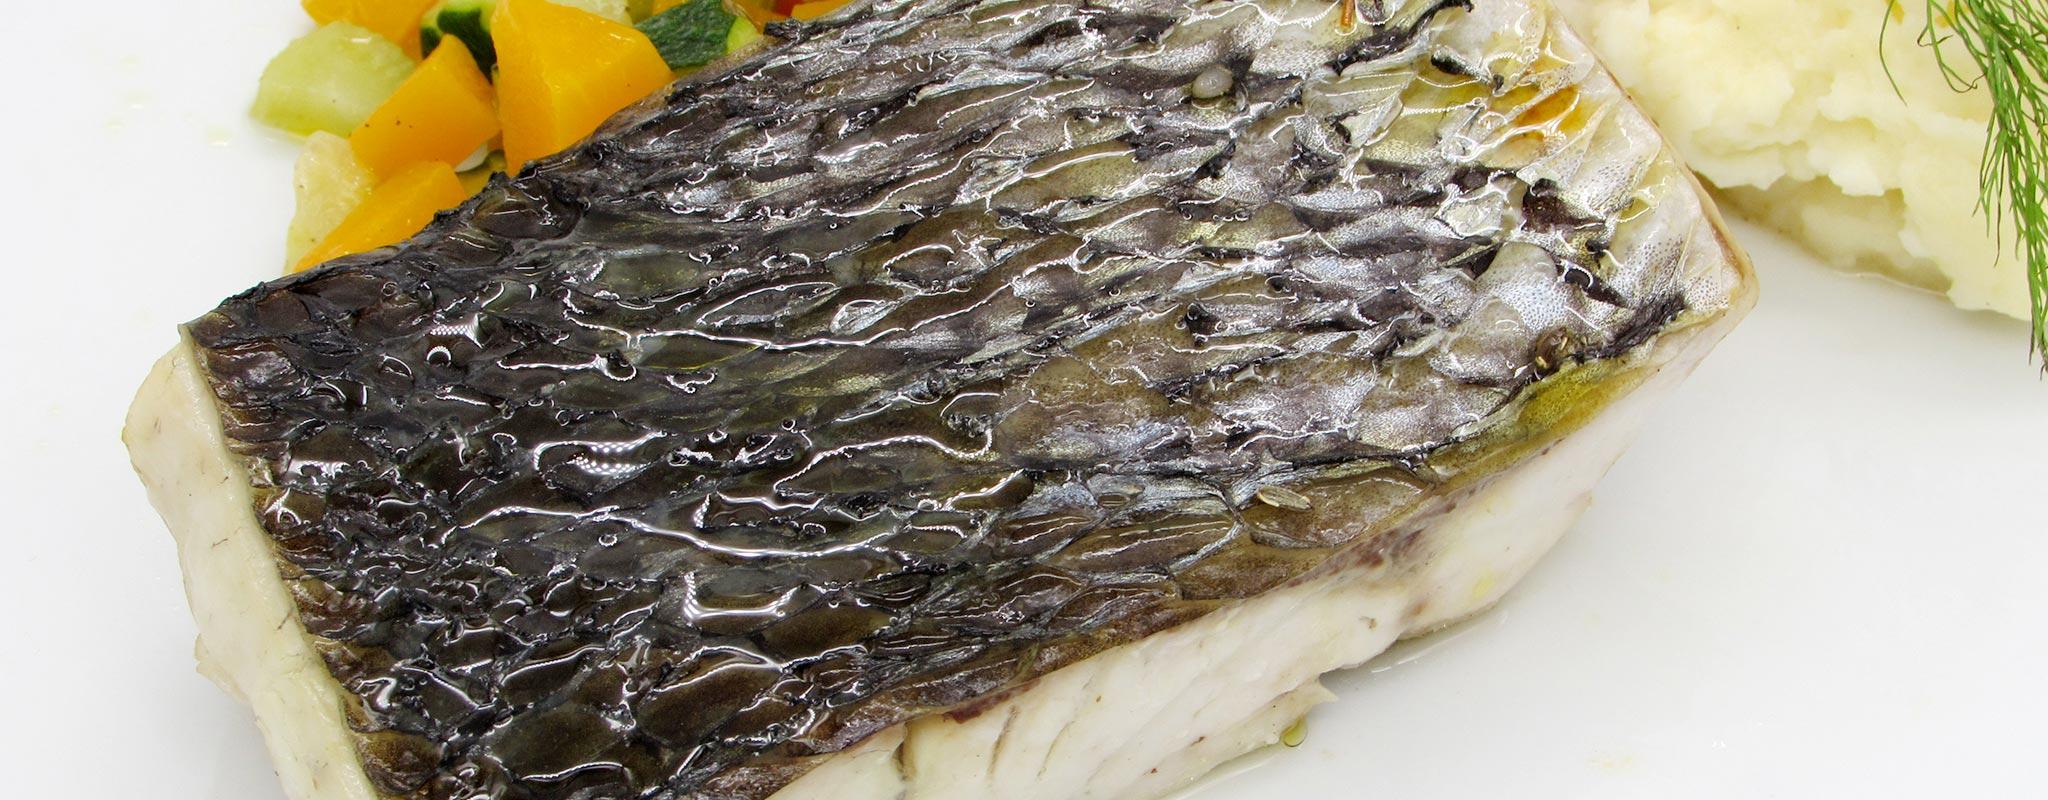 Degusta el pescado más fresco en el restaurante El Puerto